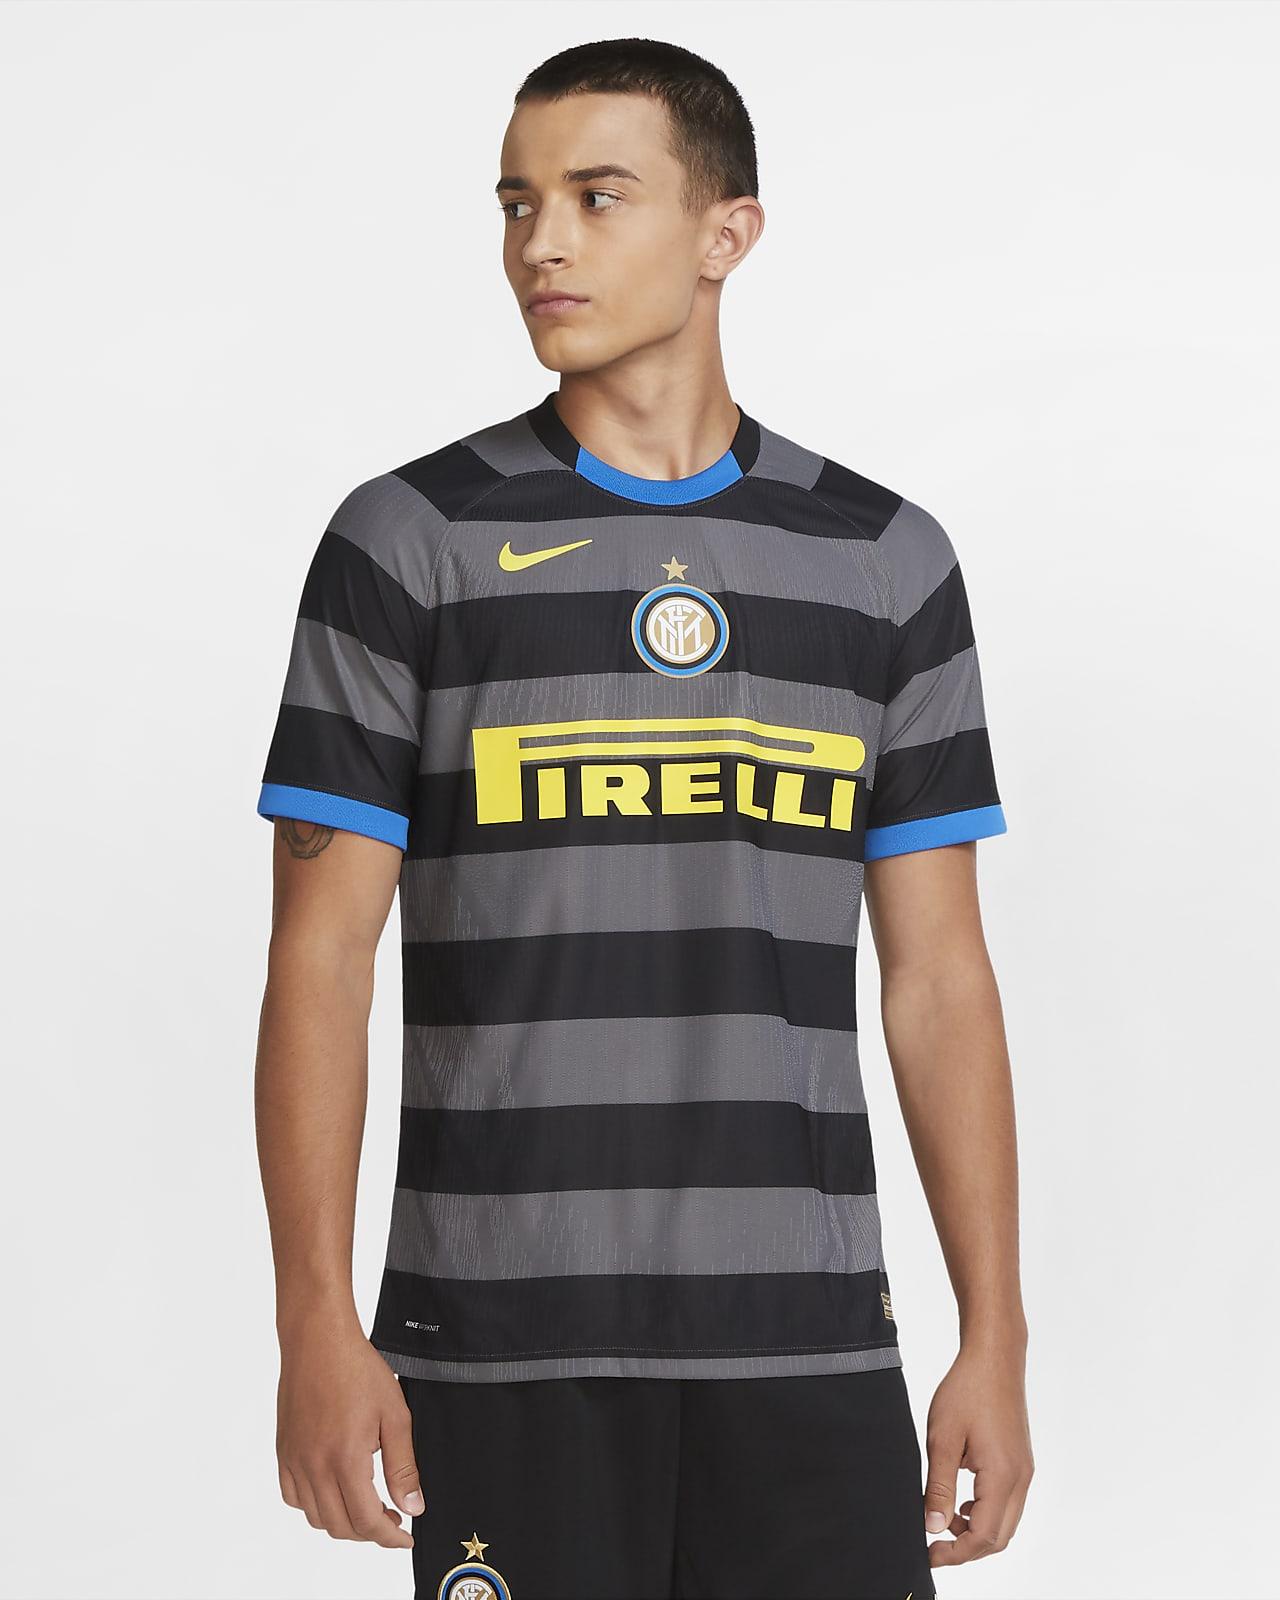 Inter Milan 2020/21 Vapor Match Third Men's Football Shirt